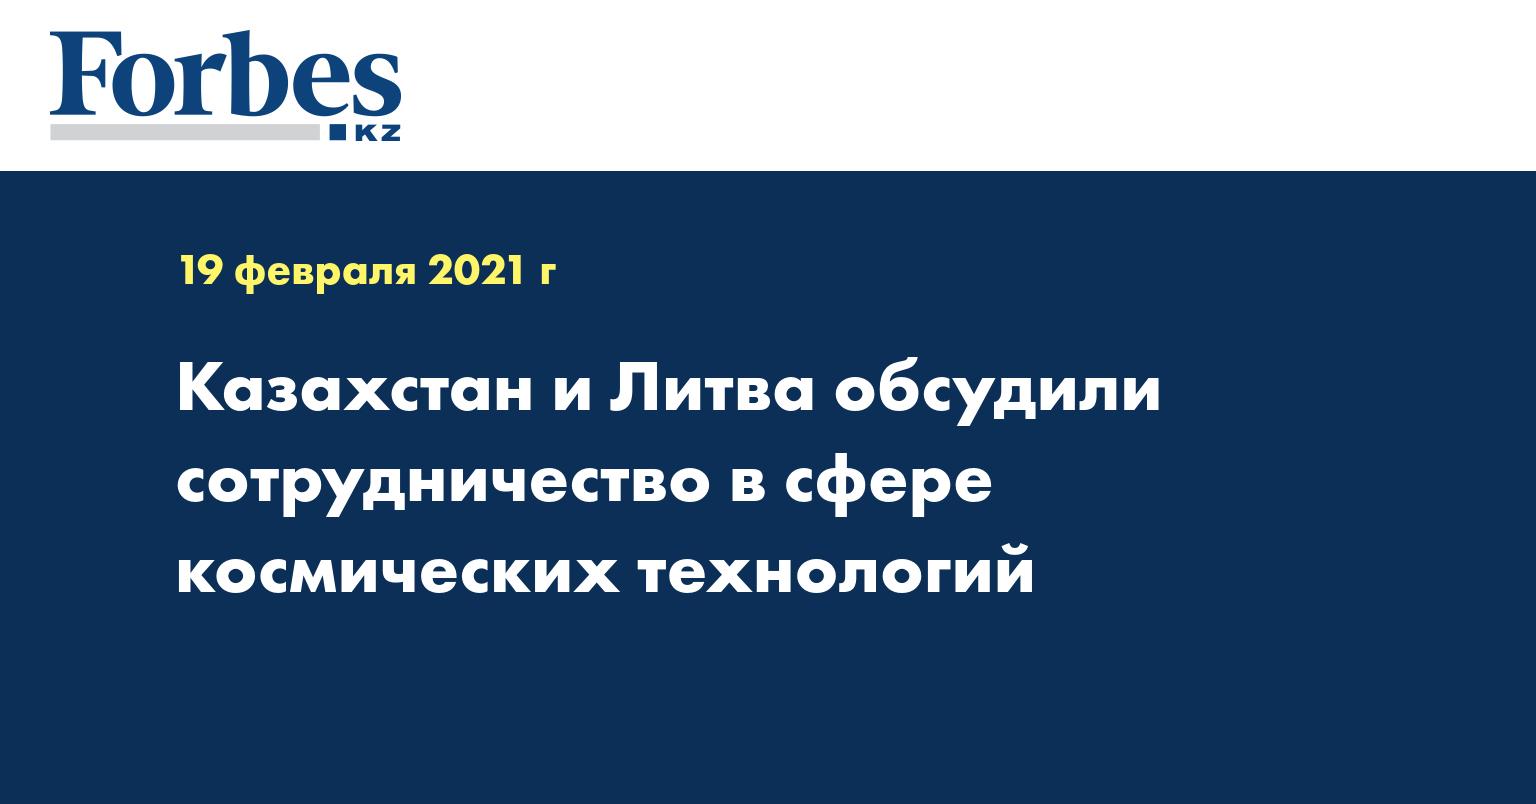 Казахстан и Литва обсудили сотрудничество в сфере космических технологий